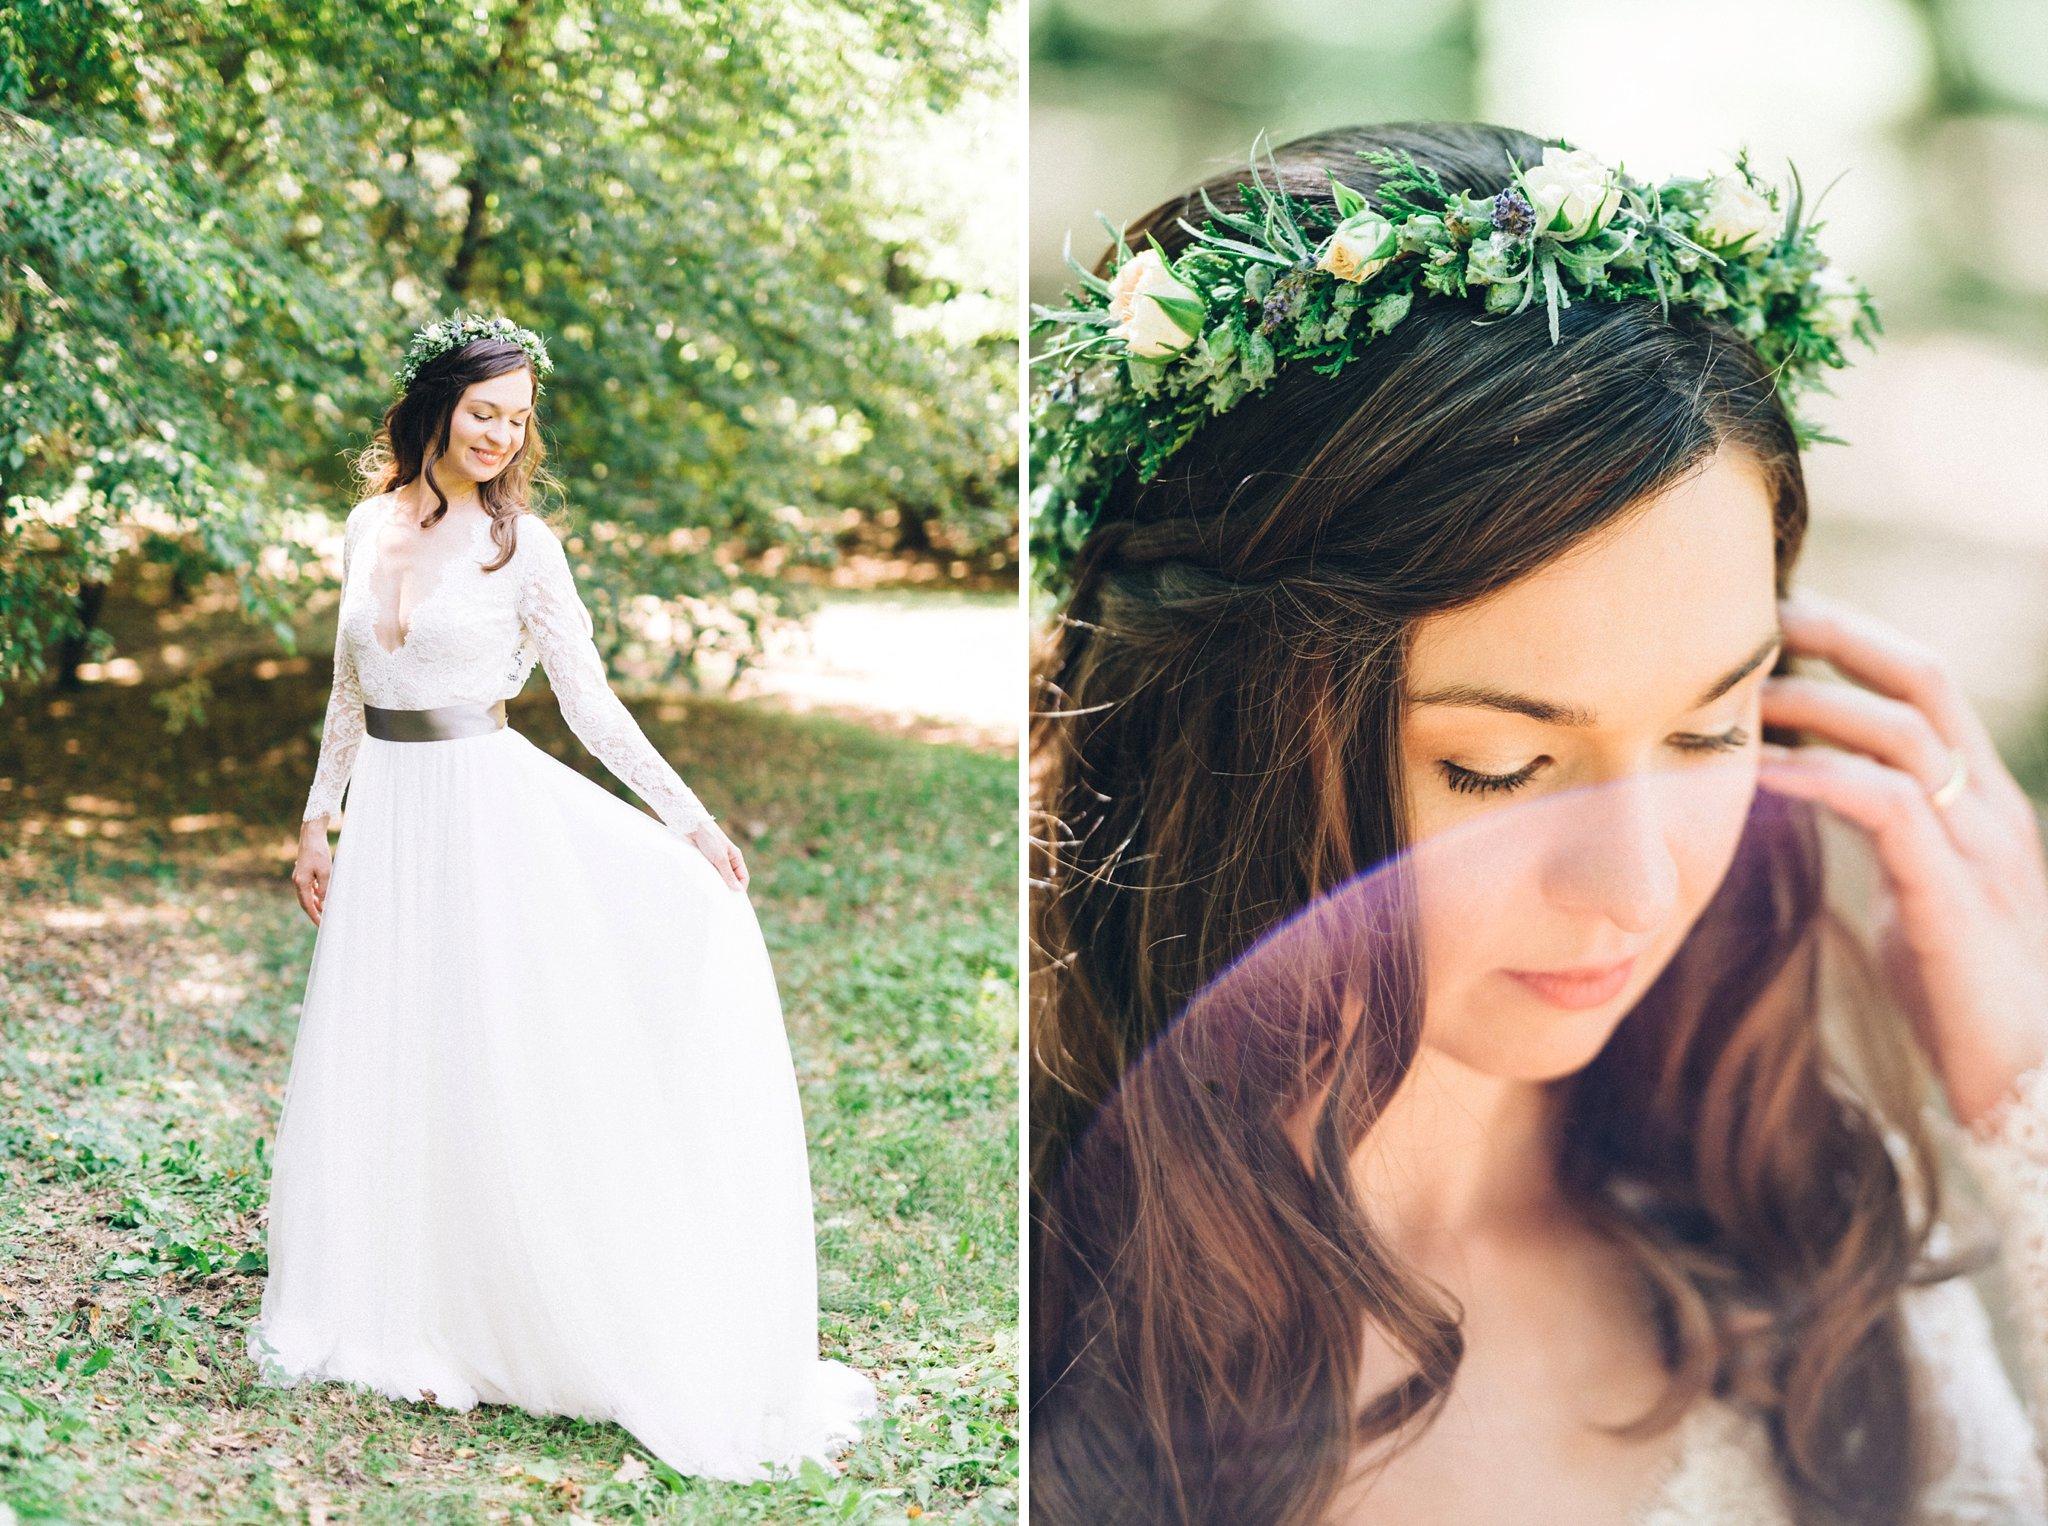 21-flower-crown-wedding-love